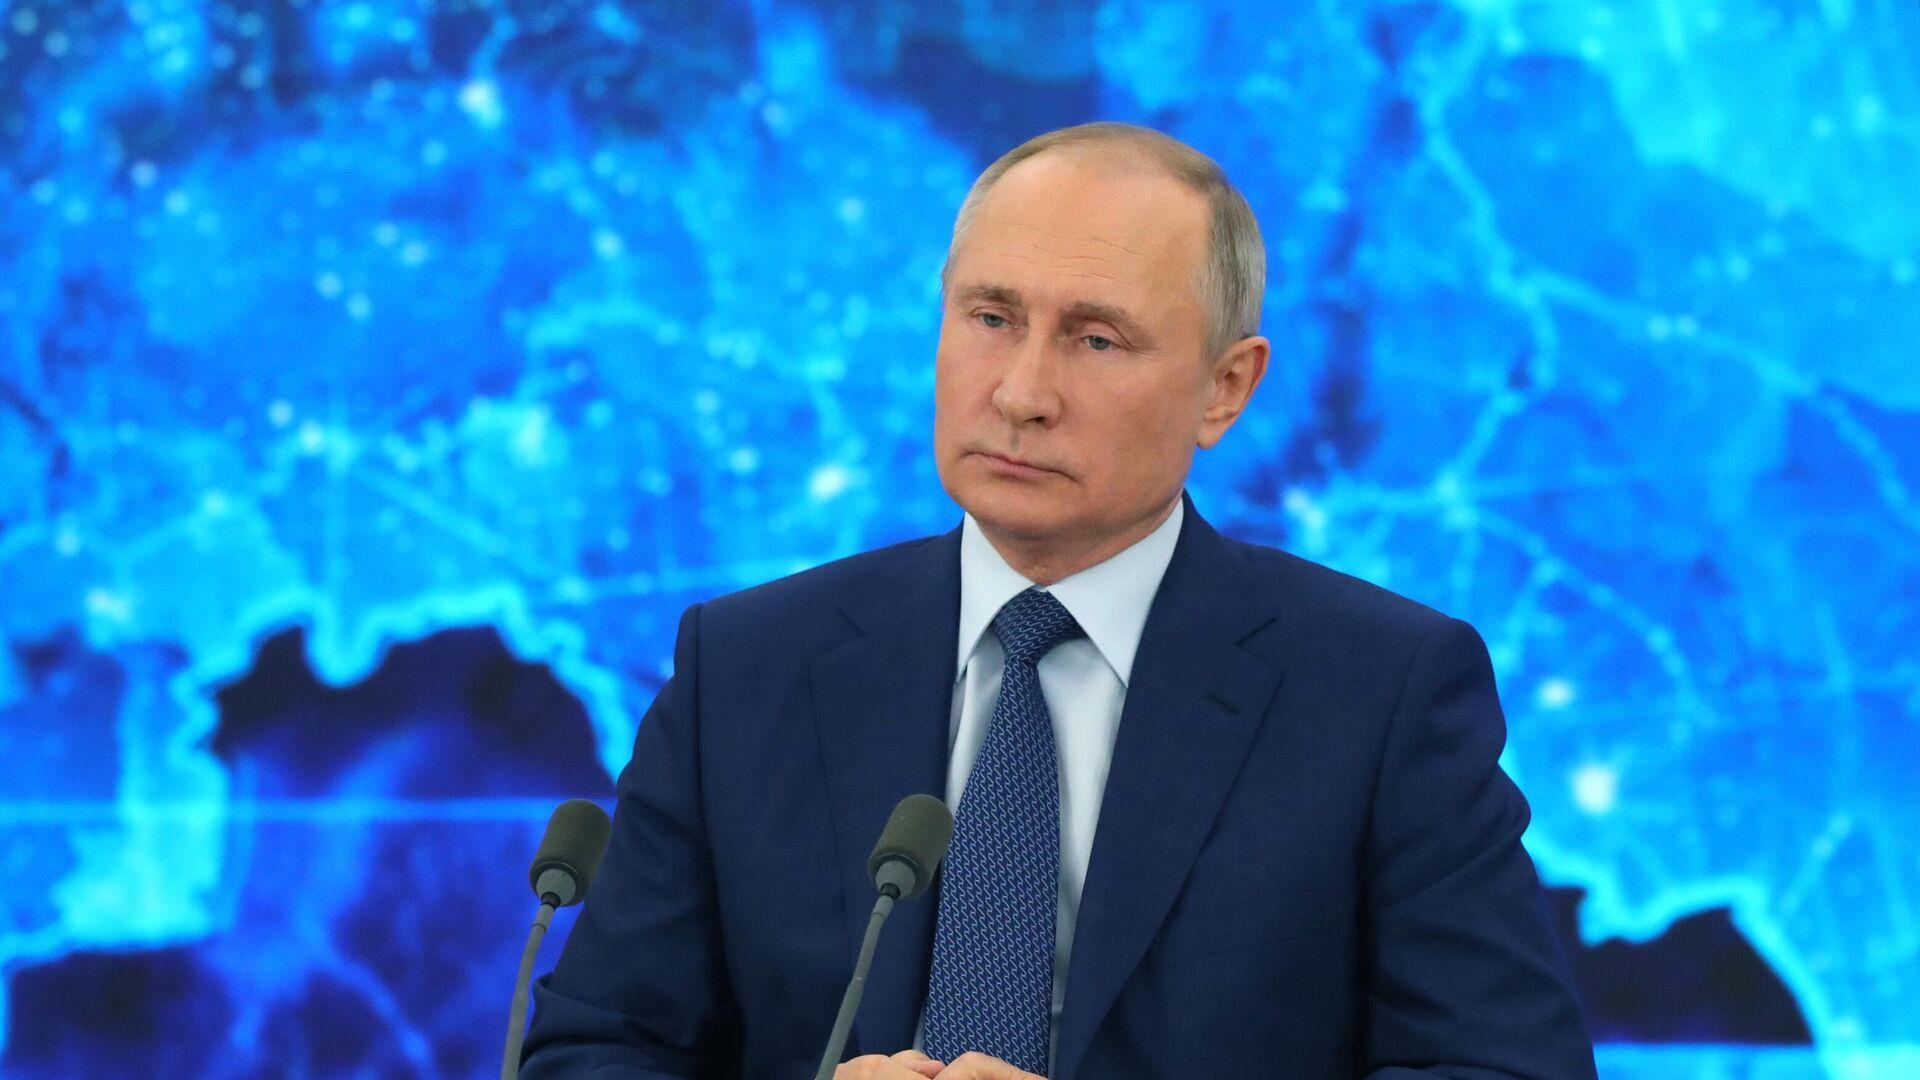 Президент РФ Владимир Путин на большой ежегодной пресс-конференции в режиме видеоконференции - РИА Новости, 1920, 18.12.2020